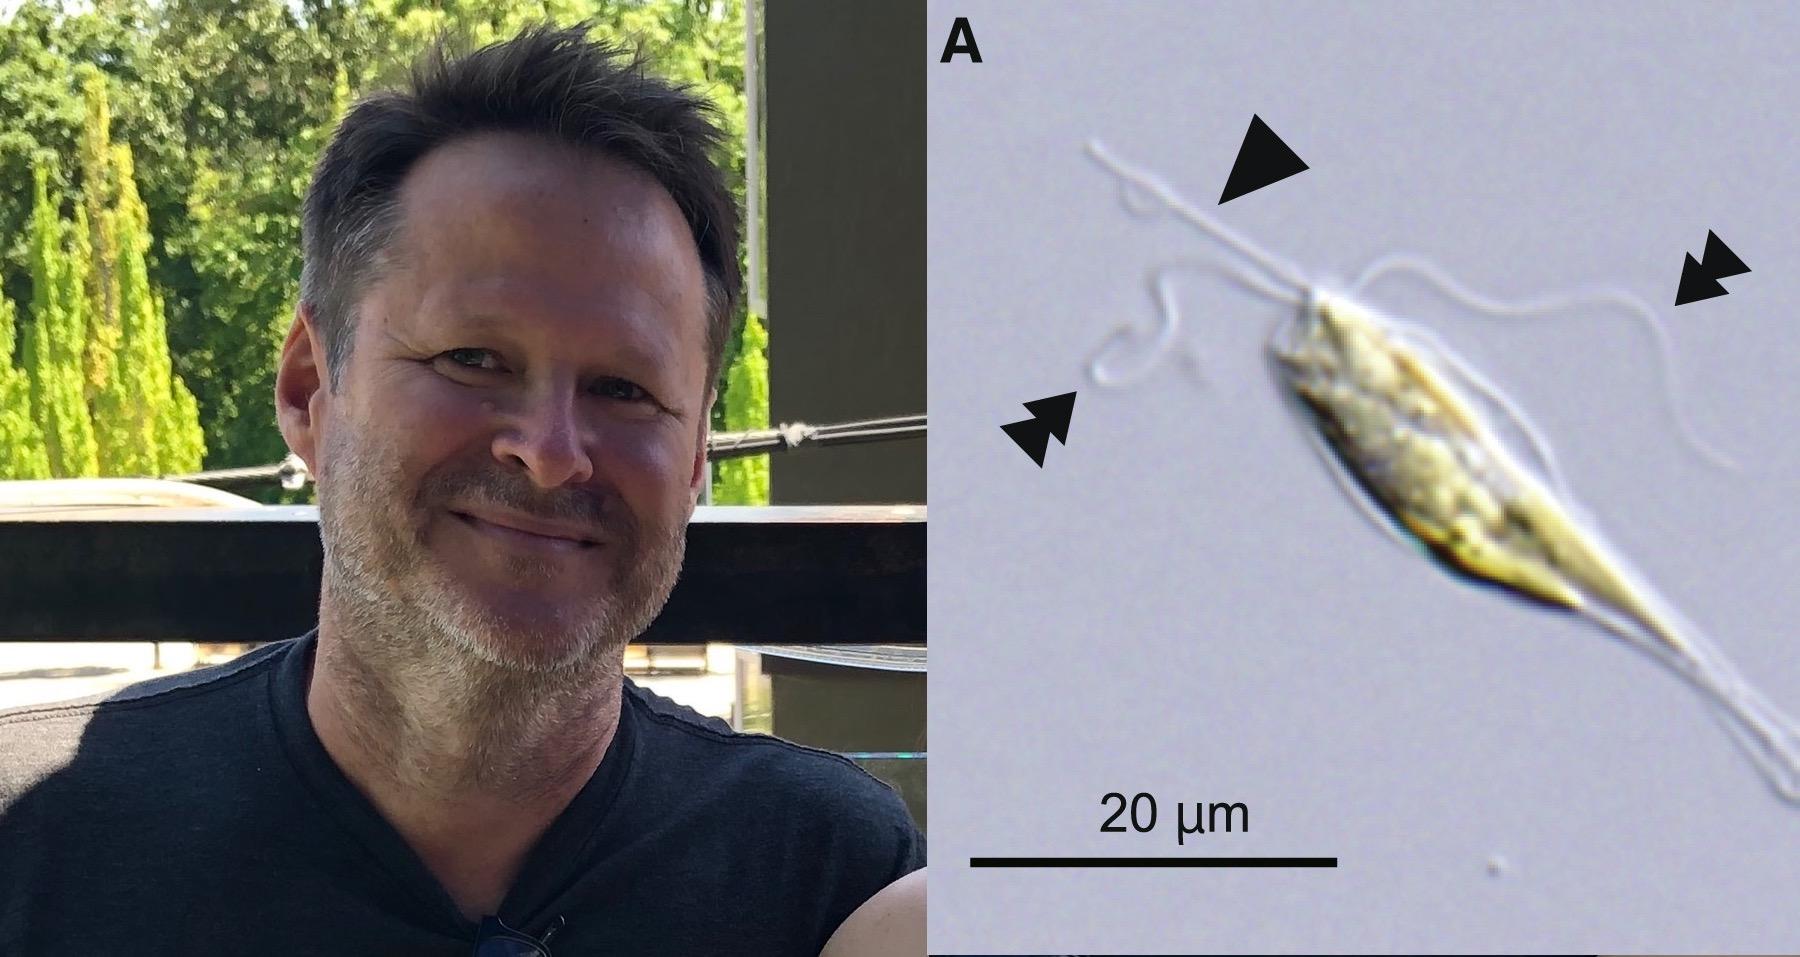 Michael Rappé (L); An alga from the novel phytoplankton class, Rappephyceae (R).